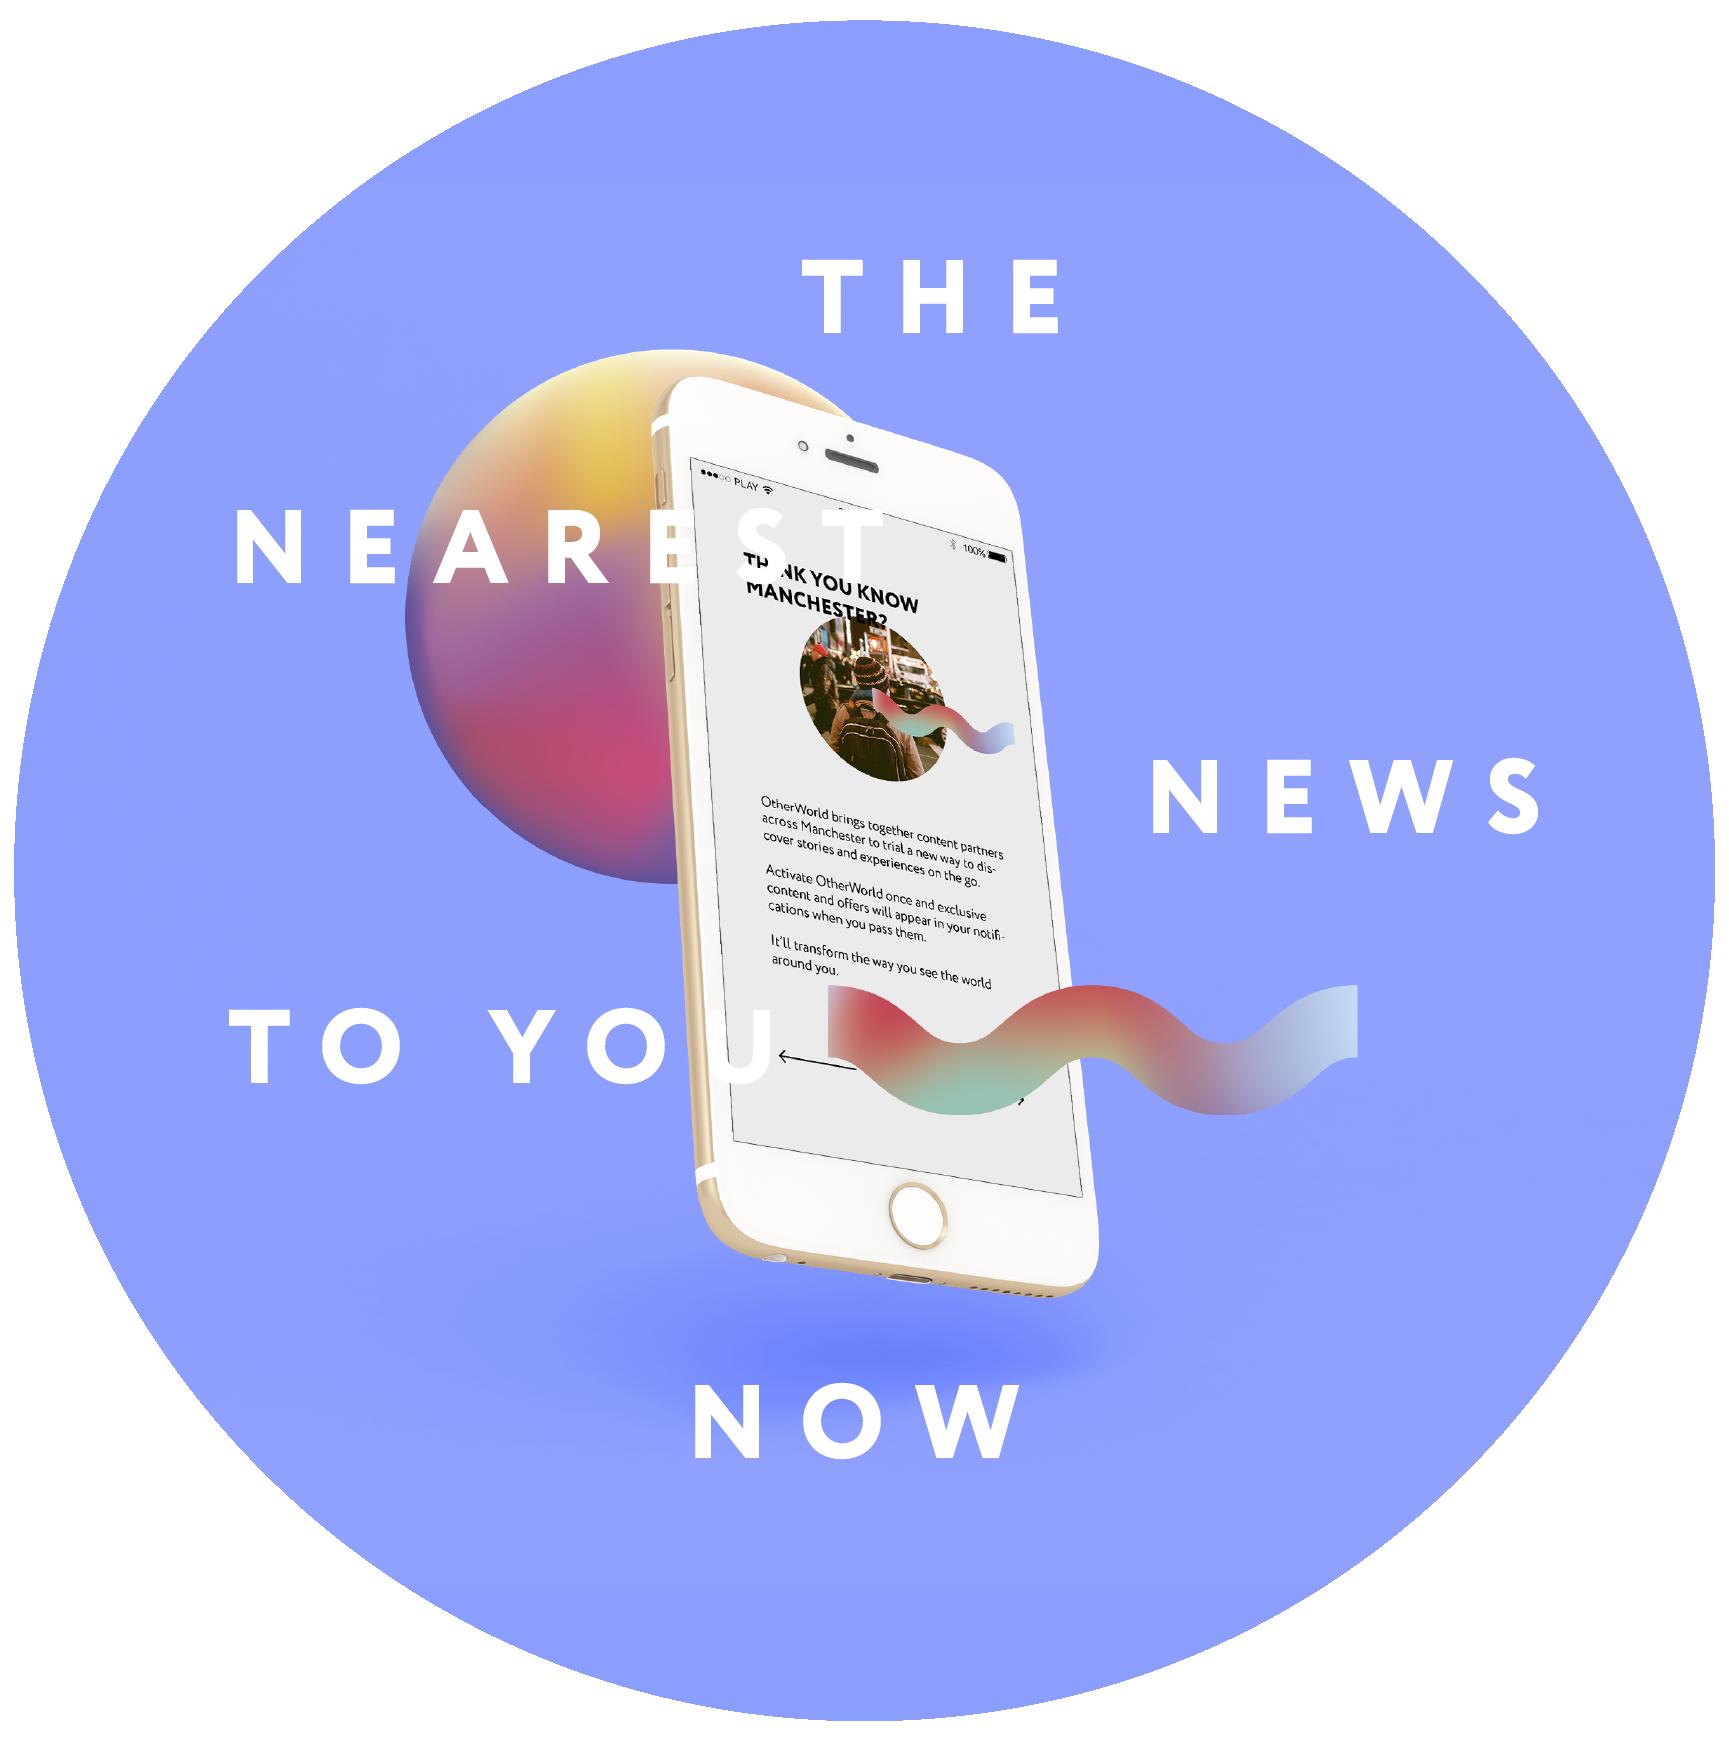 OtherWorld - a news beacon experiment